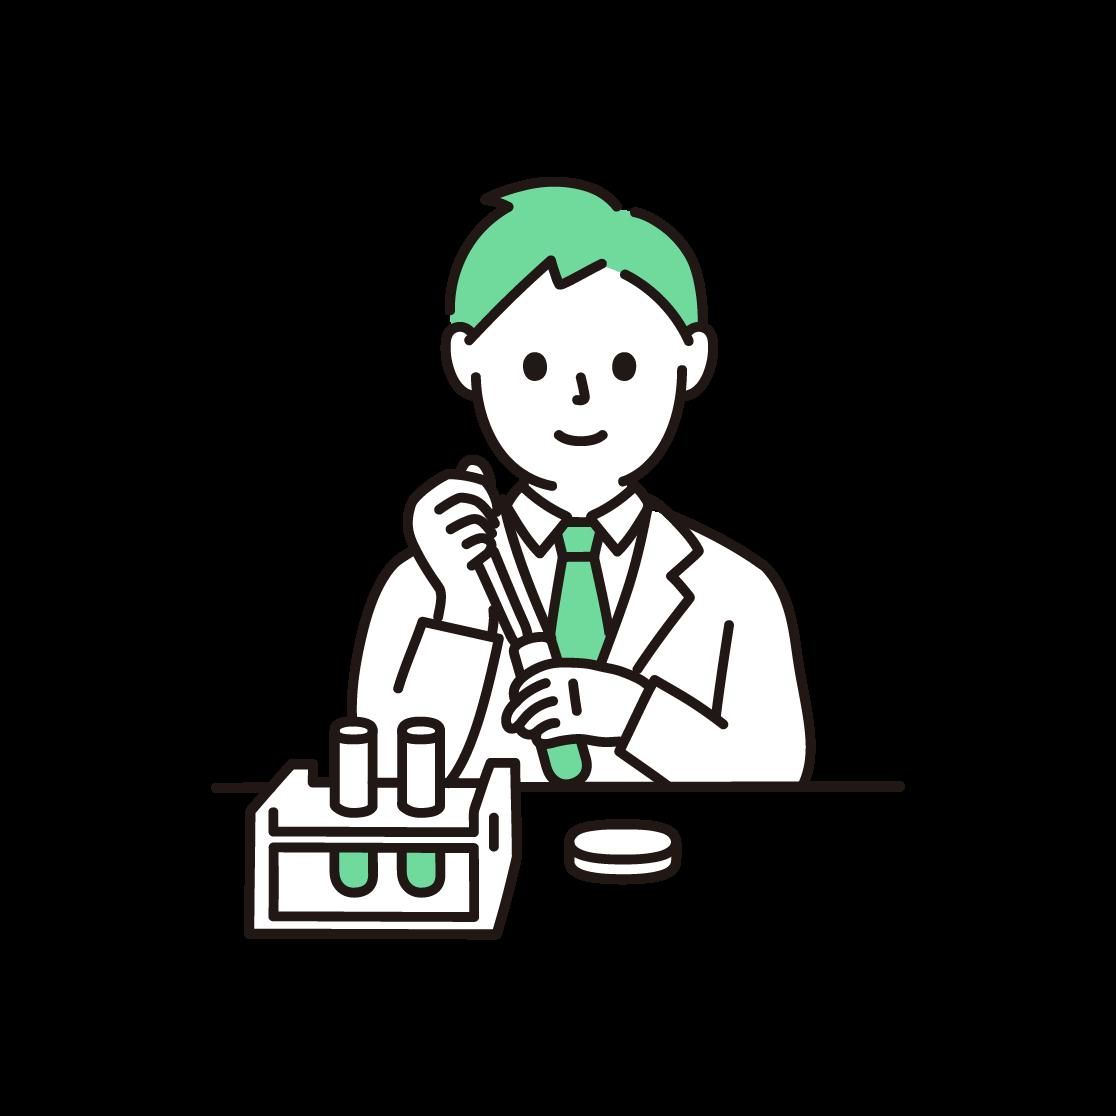 研究・実験をする男性の単色イラスト